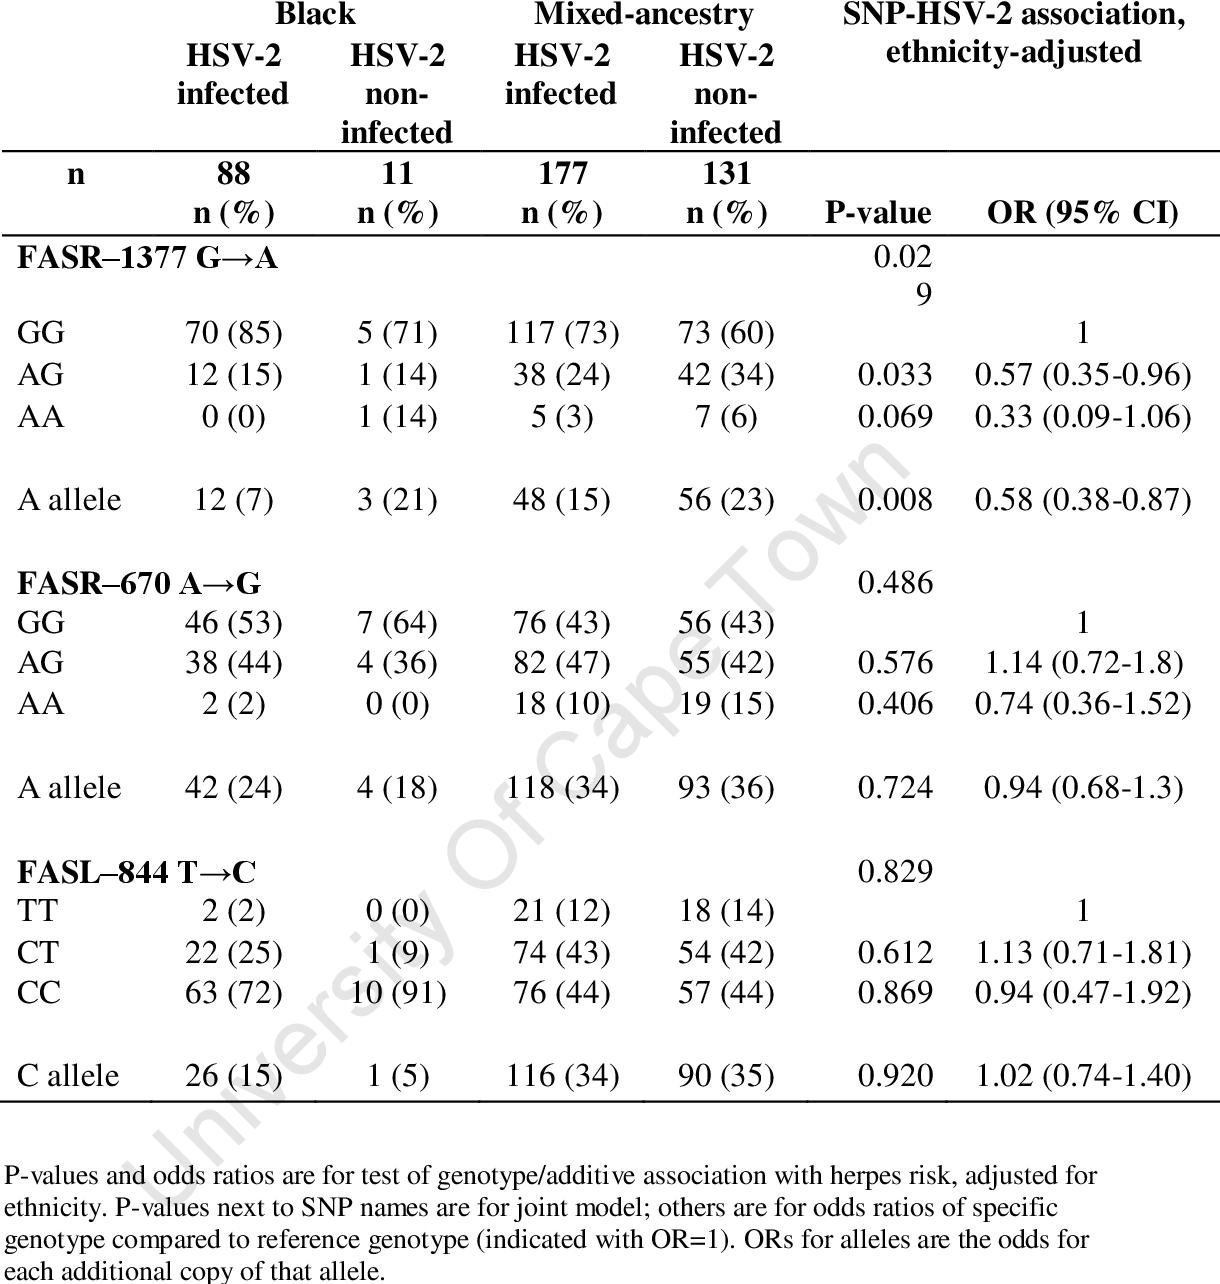 hpv cervical cancer odds ratio